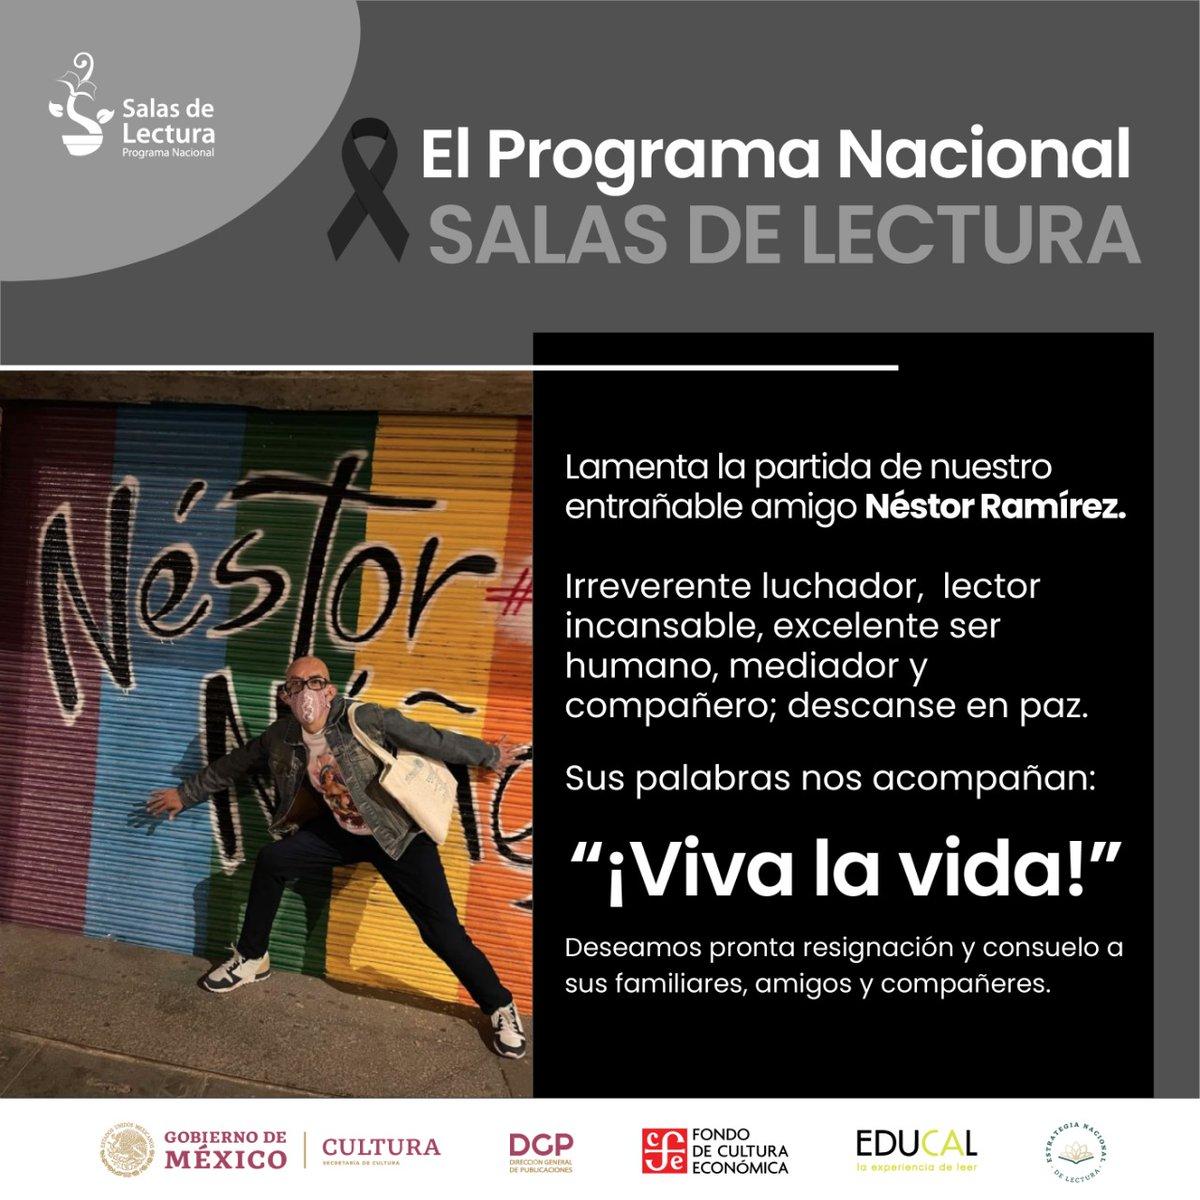 @Salasdelectura's photo on Nestor